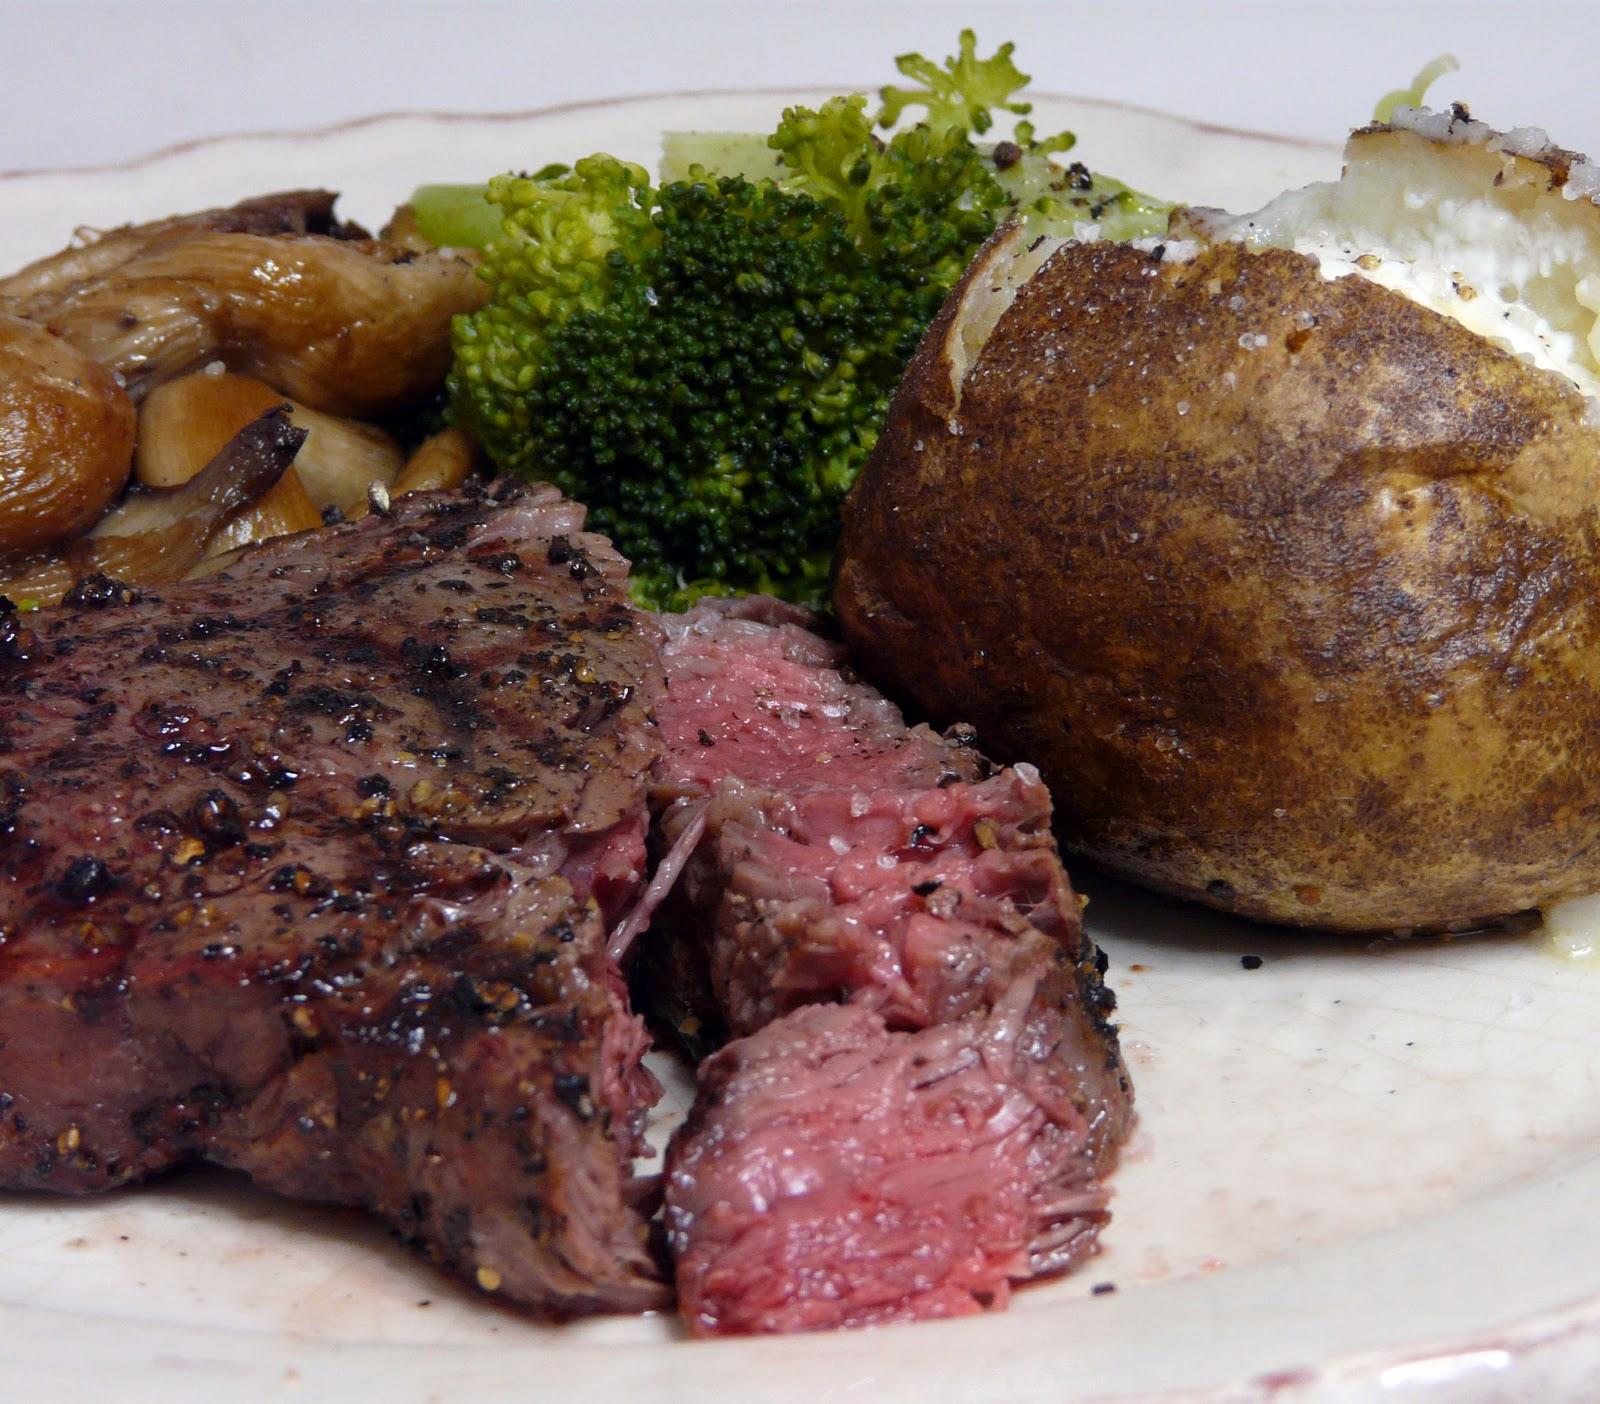 images of steak dinner - photo #9